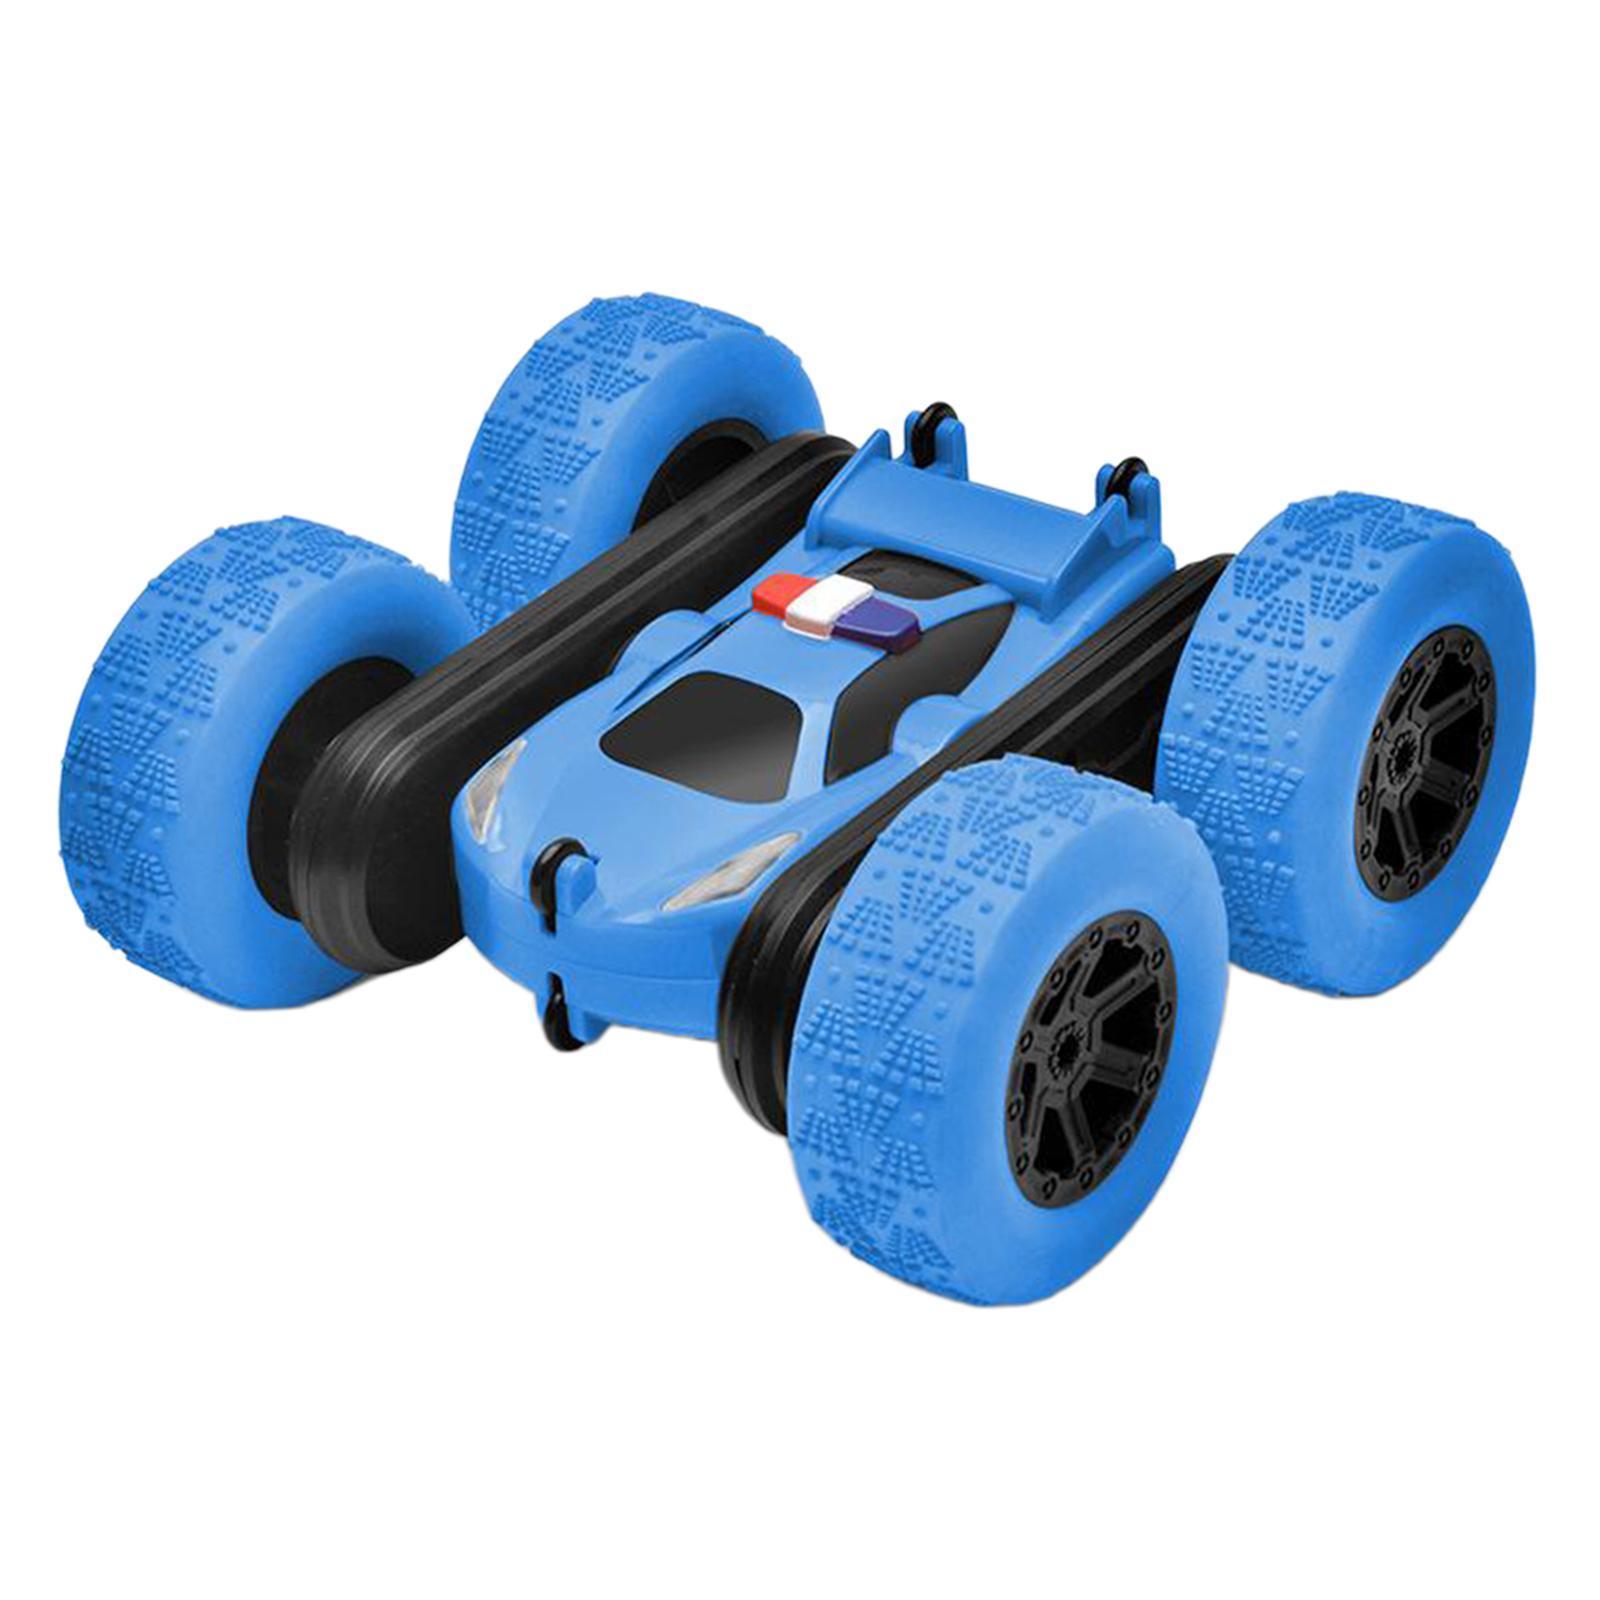 miniatura 47 - Telecomando Auto Stunt Car Giocattolo Per Bambini 2.4GHz di Controllo Remoto